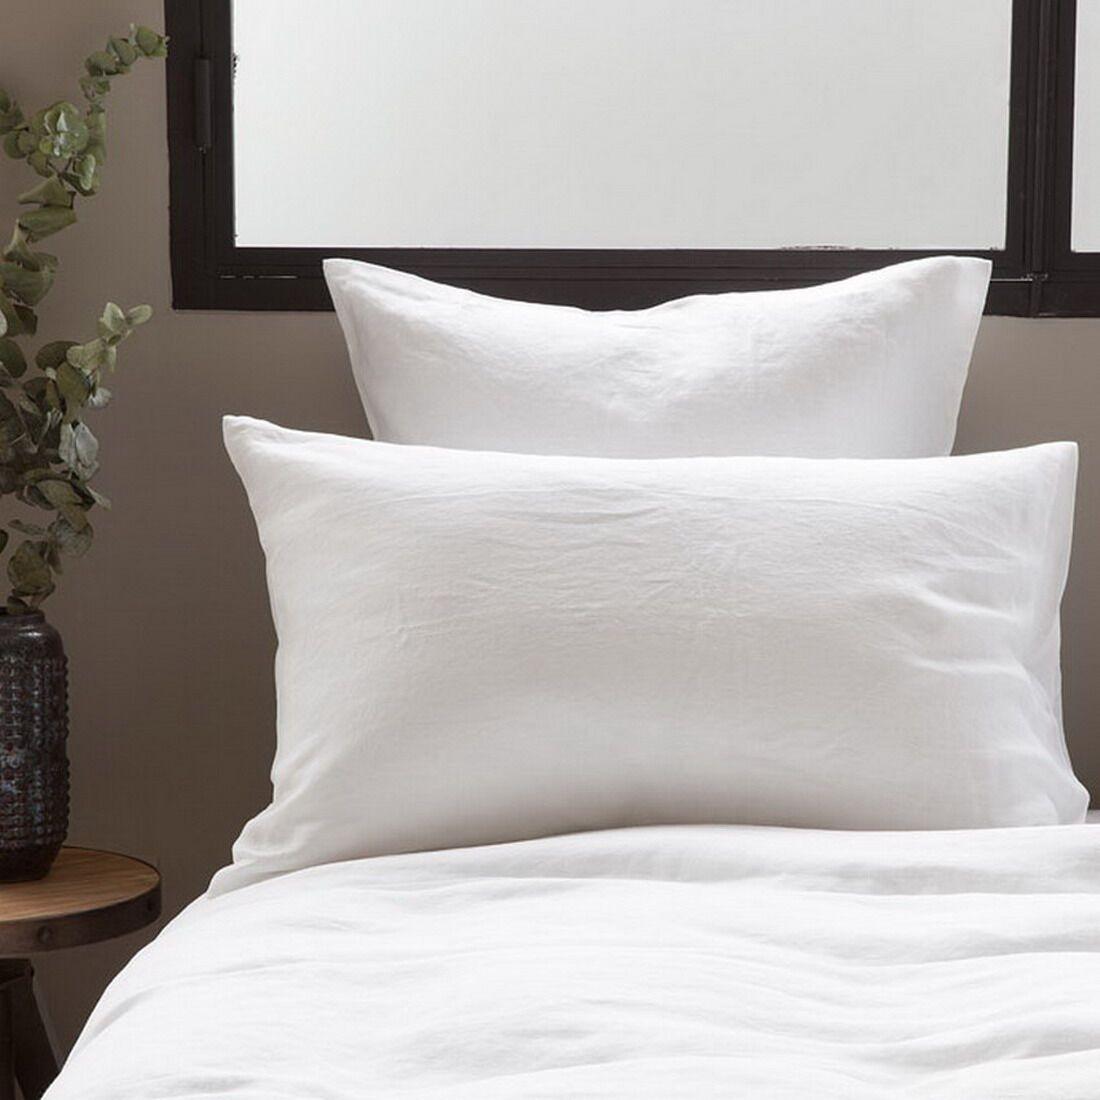 Ronny 3 Piece Linen Sheet Set Color: White